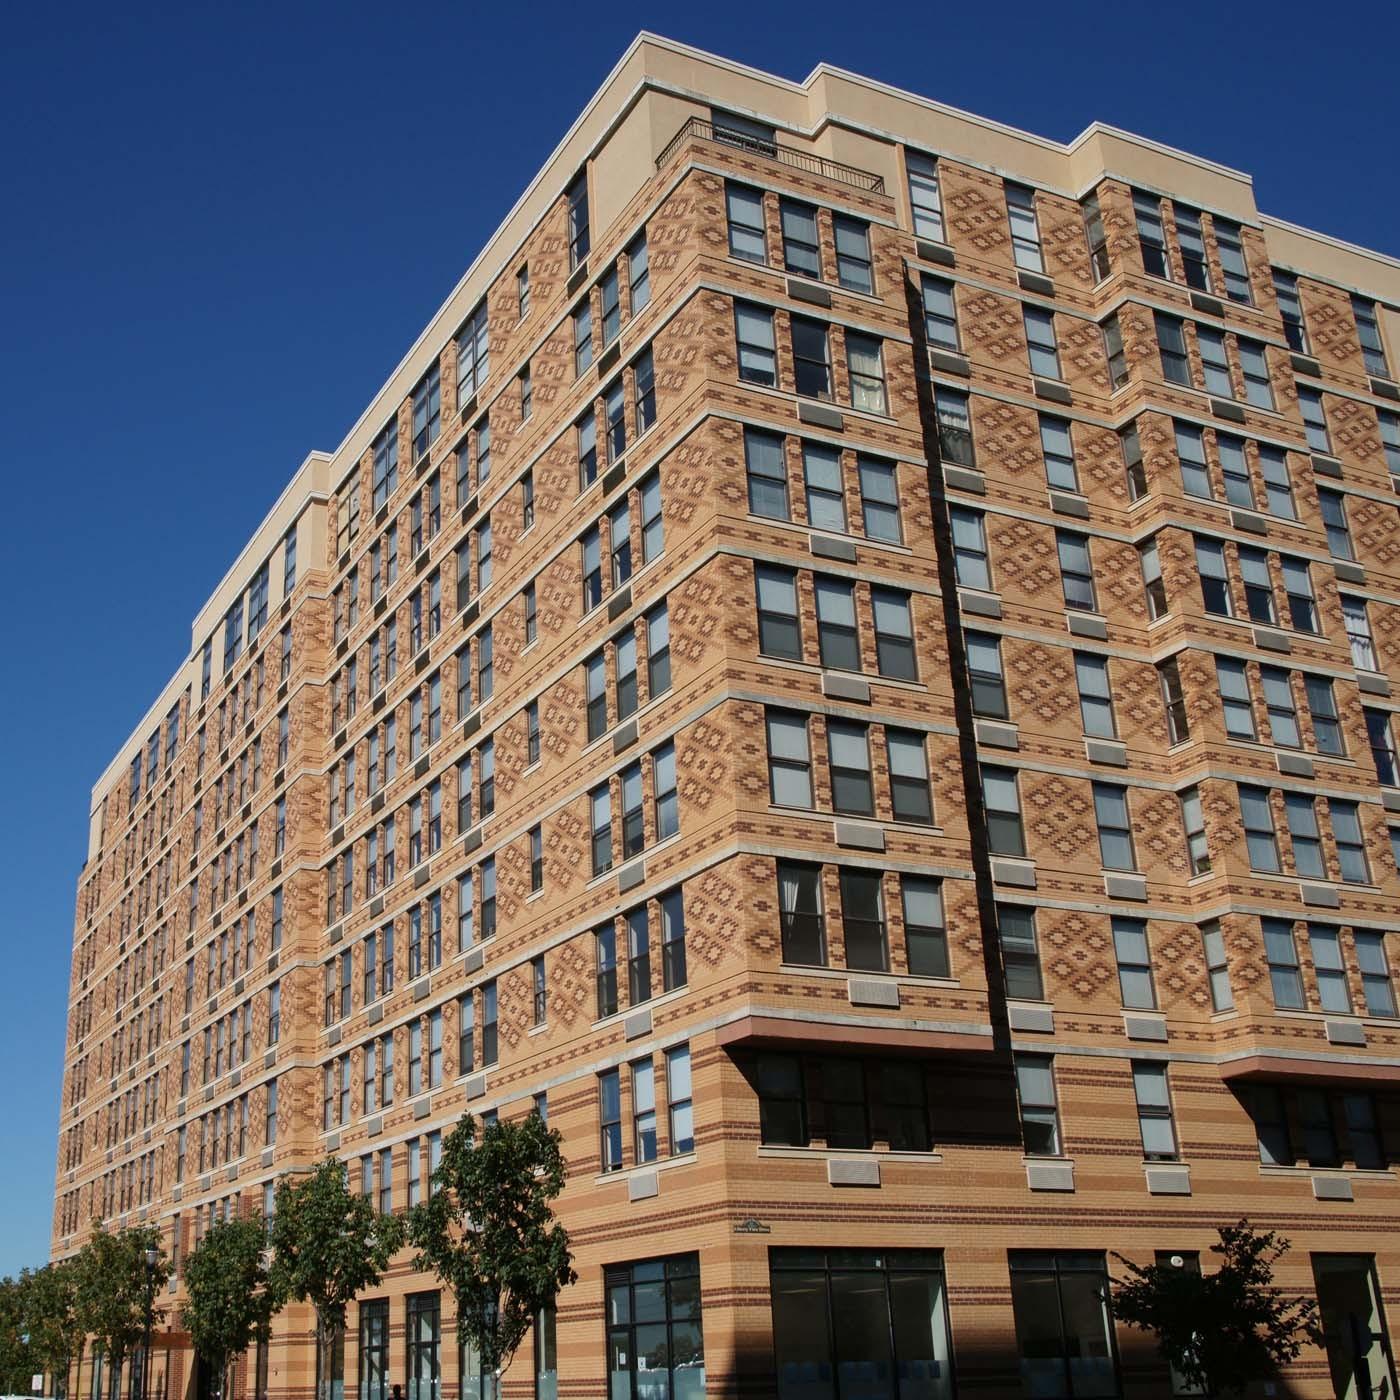 Apartment For Rent In Jersey City: 30 Regent Street #673, Jersey City, NJ 07302 1 Bedroom